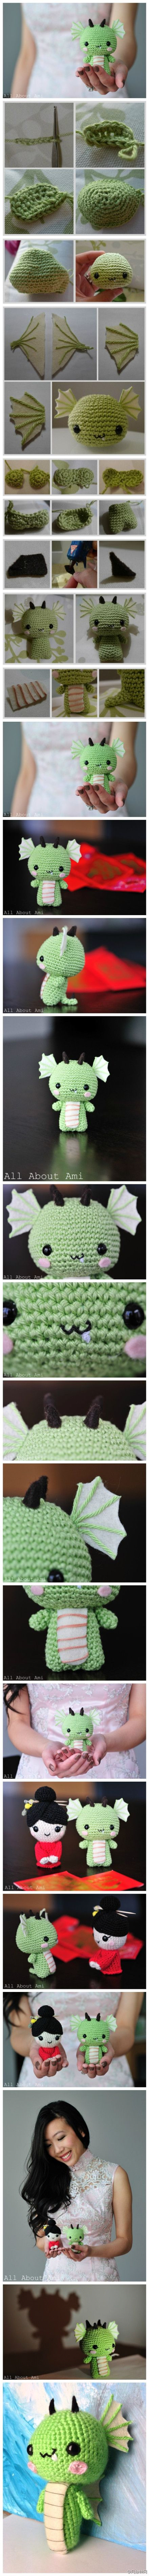 手工 生活 艺术 钩针 钩花,Crochet Crafts for Kids, Free Printable Crochet Projects, Crochet Patterns, Tutorial, crafts, wool crafts, cute , kawaii, craft, diy, needle crafts for kids, adorable !!!